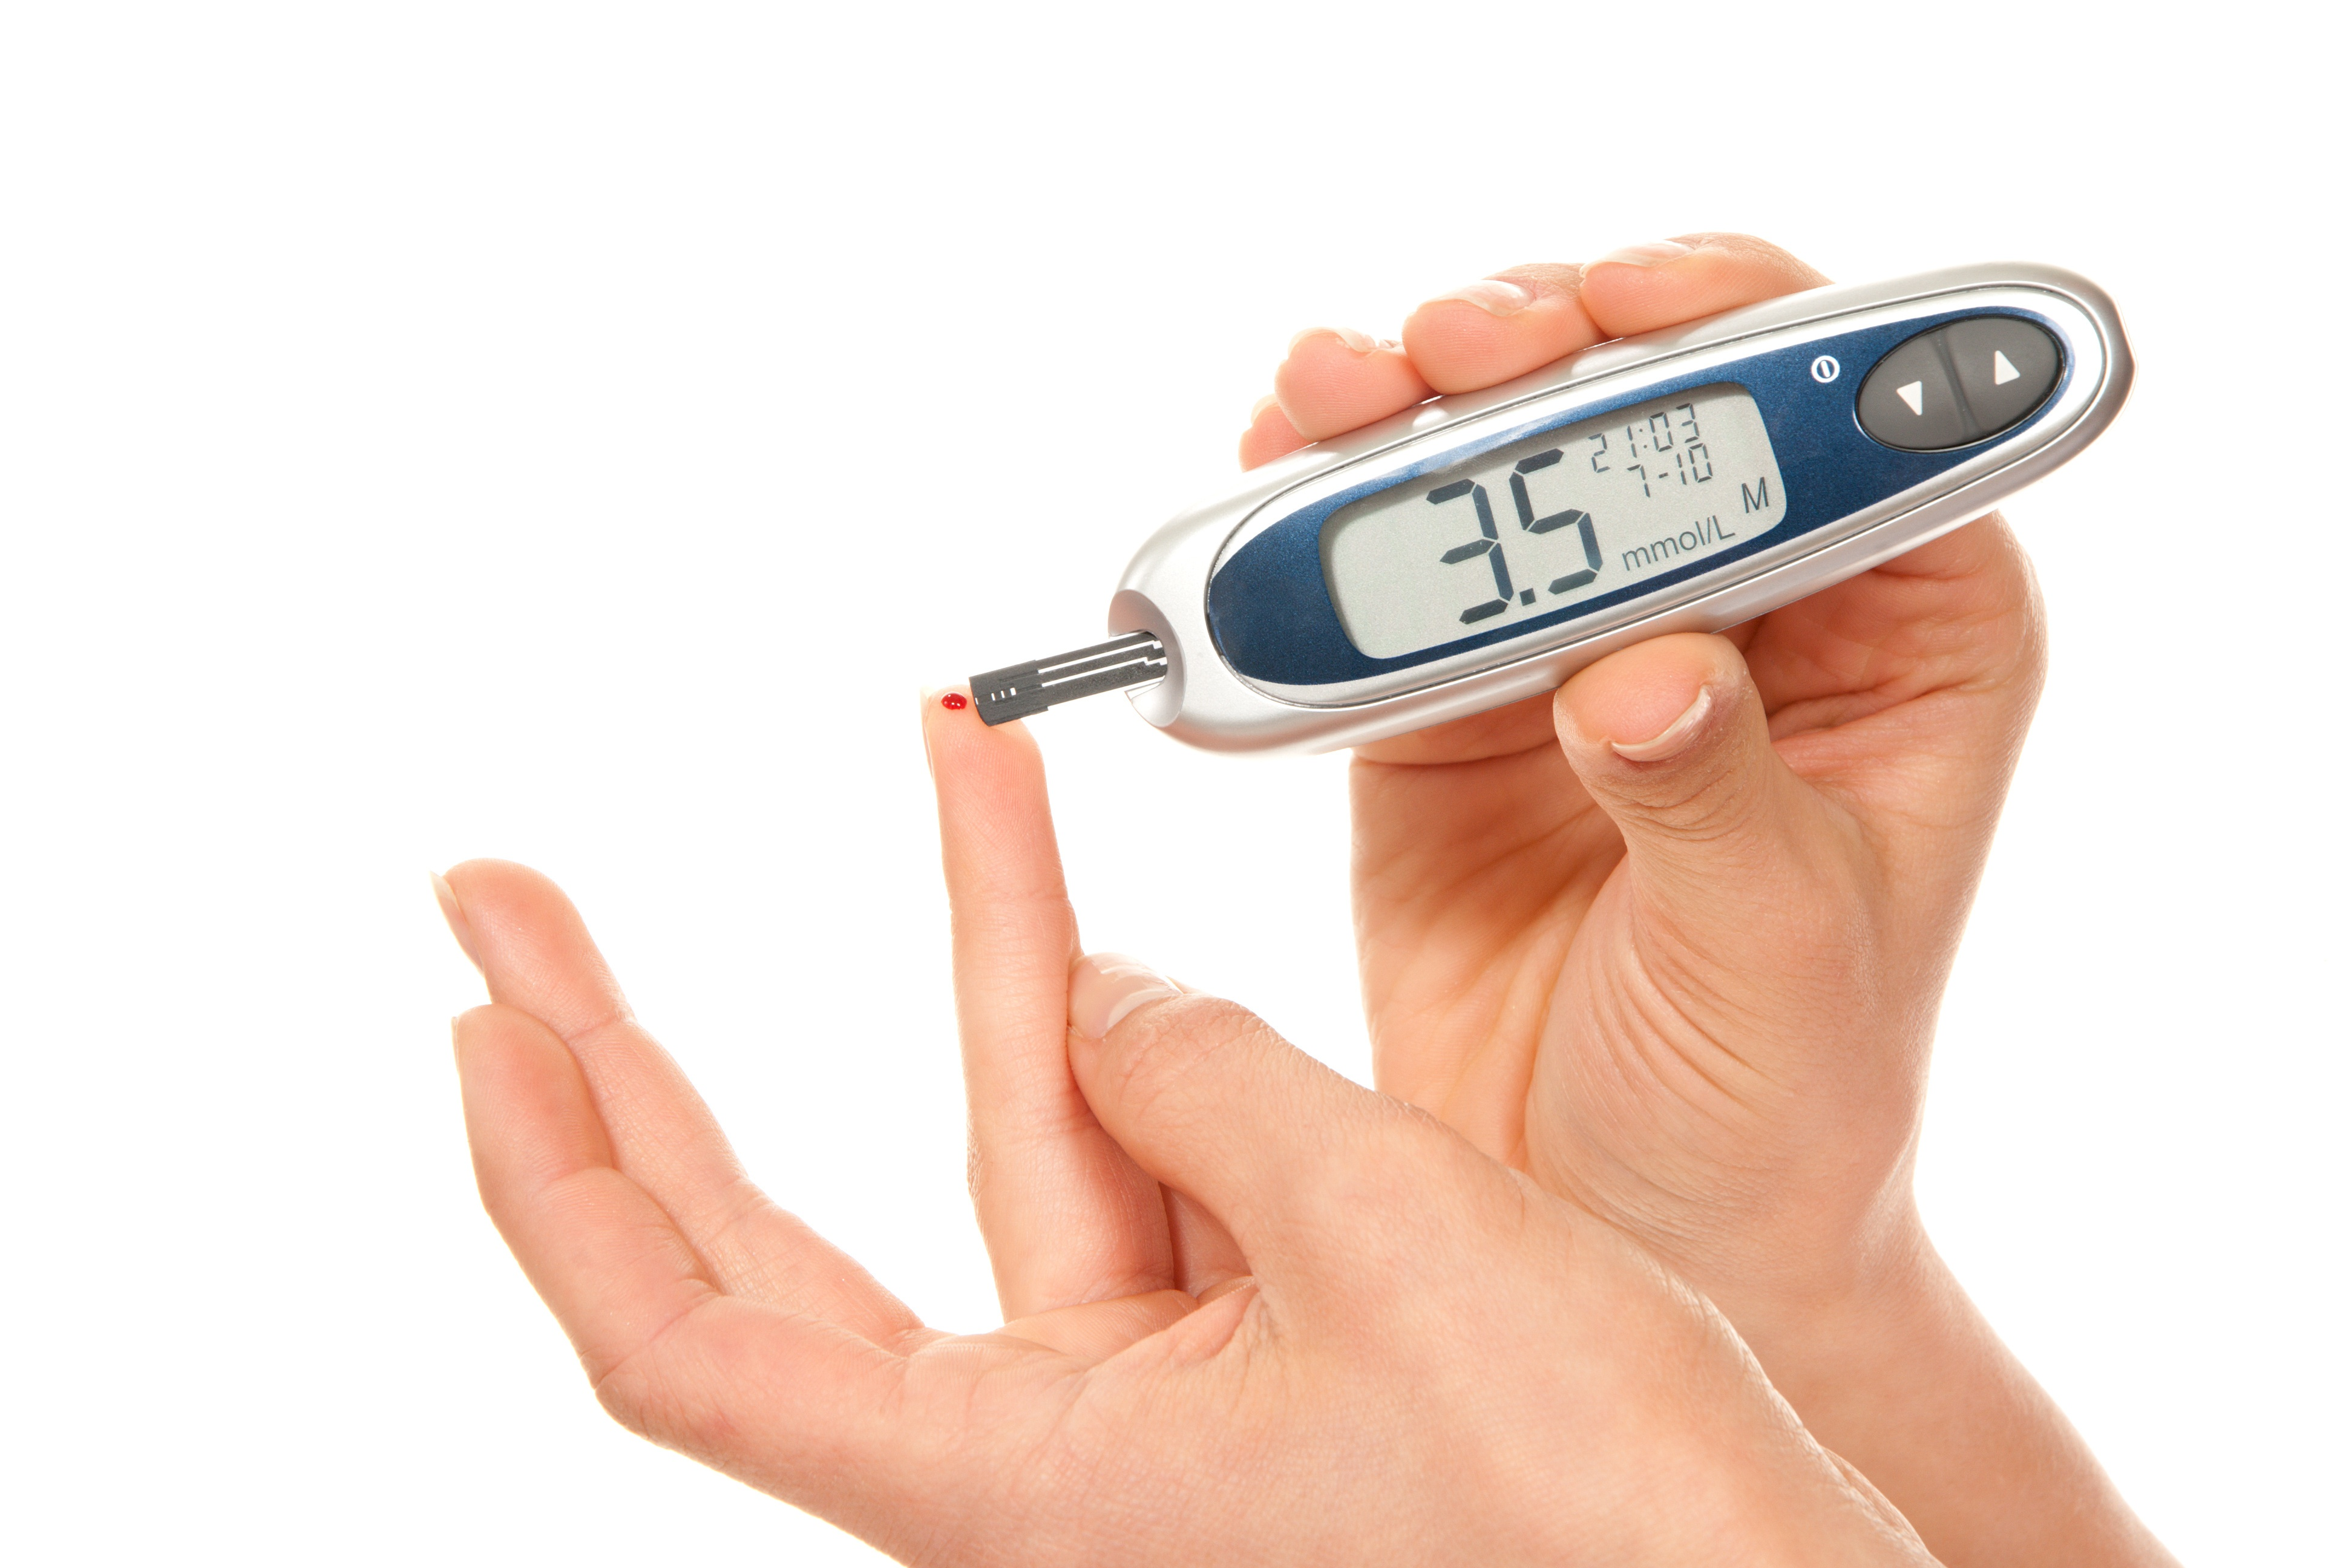 Ответы Чем можно измерить 1 грамм без весов в домашних условиях?